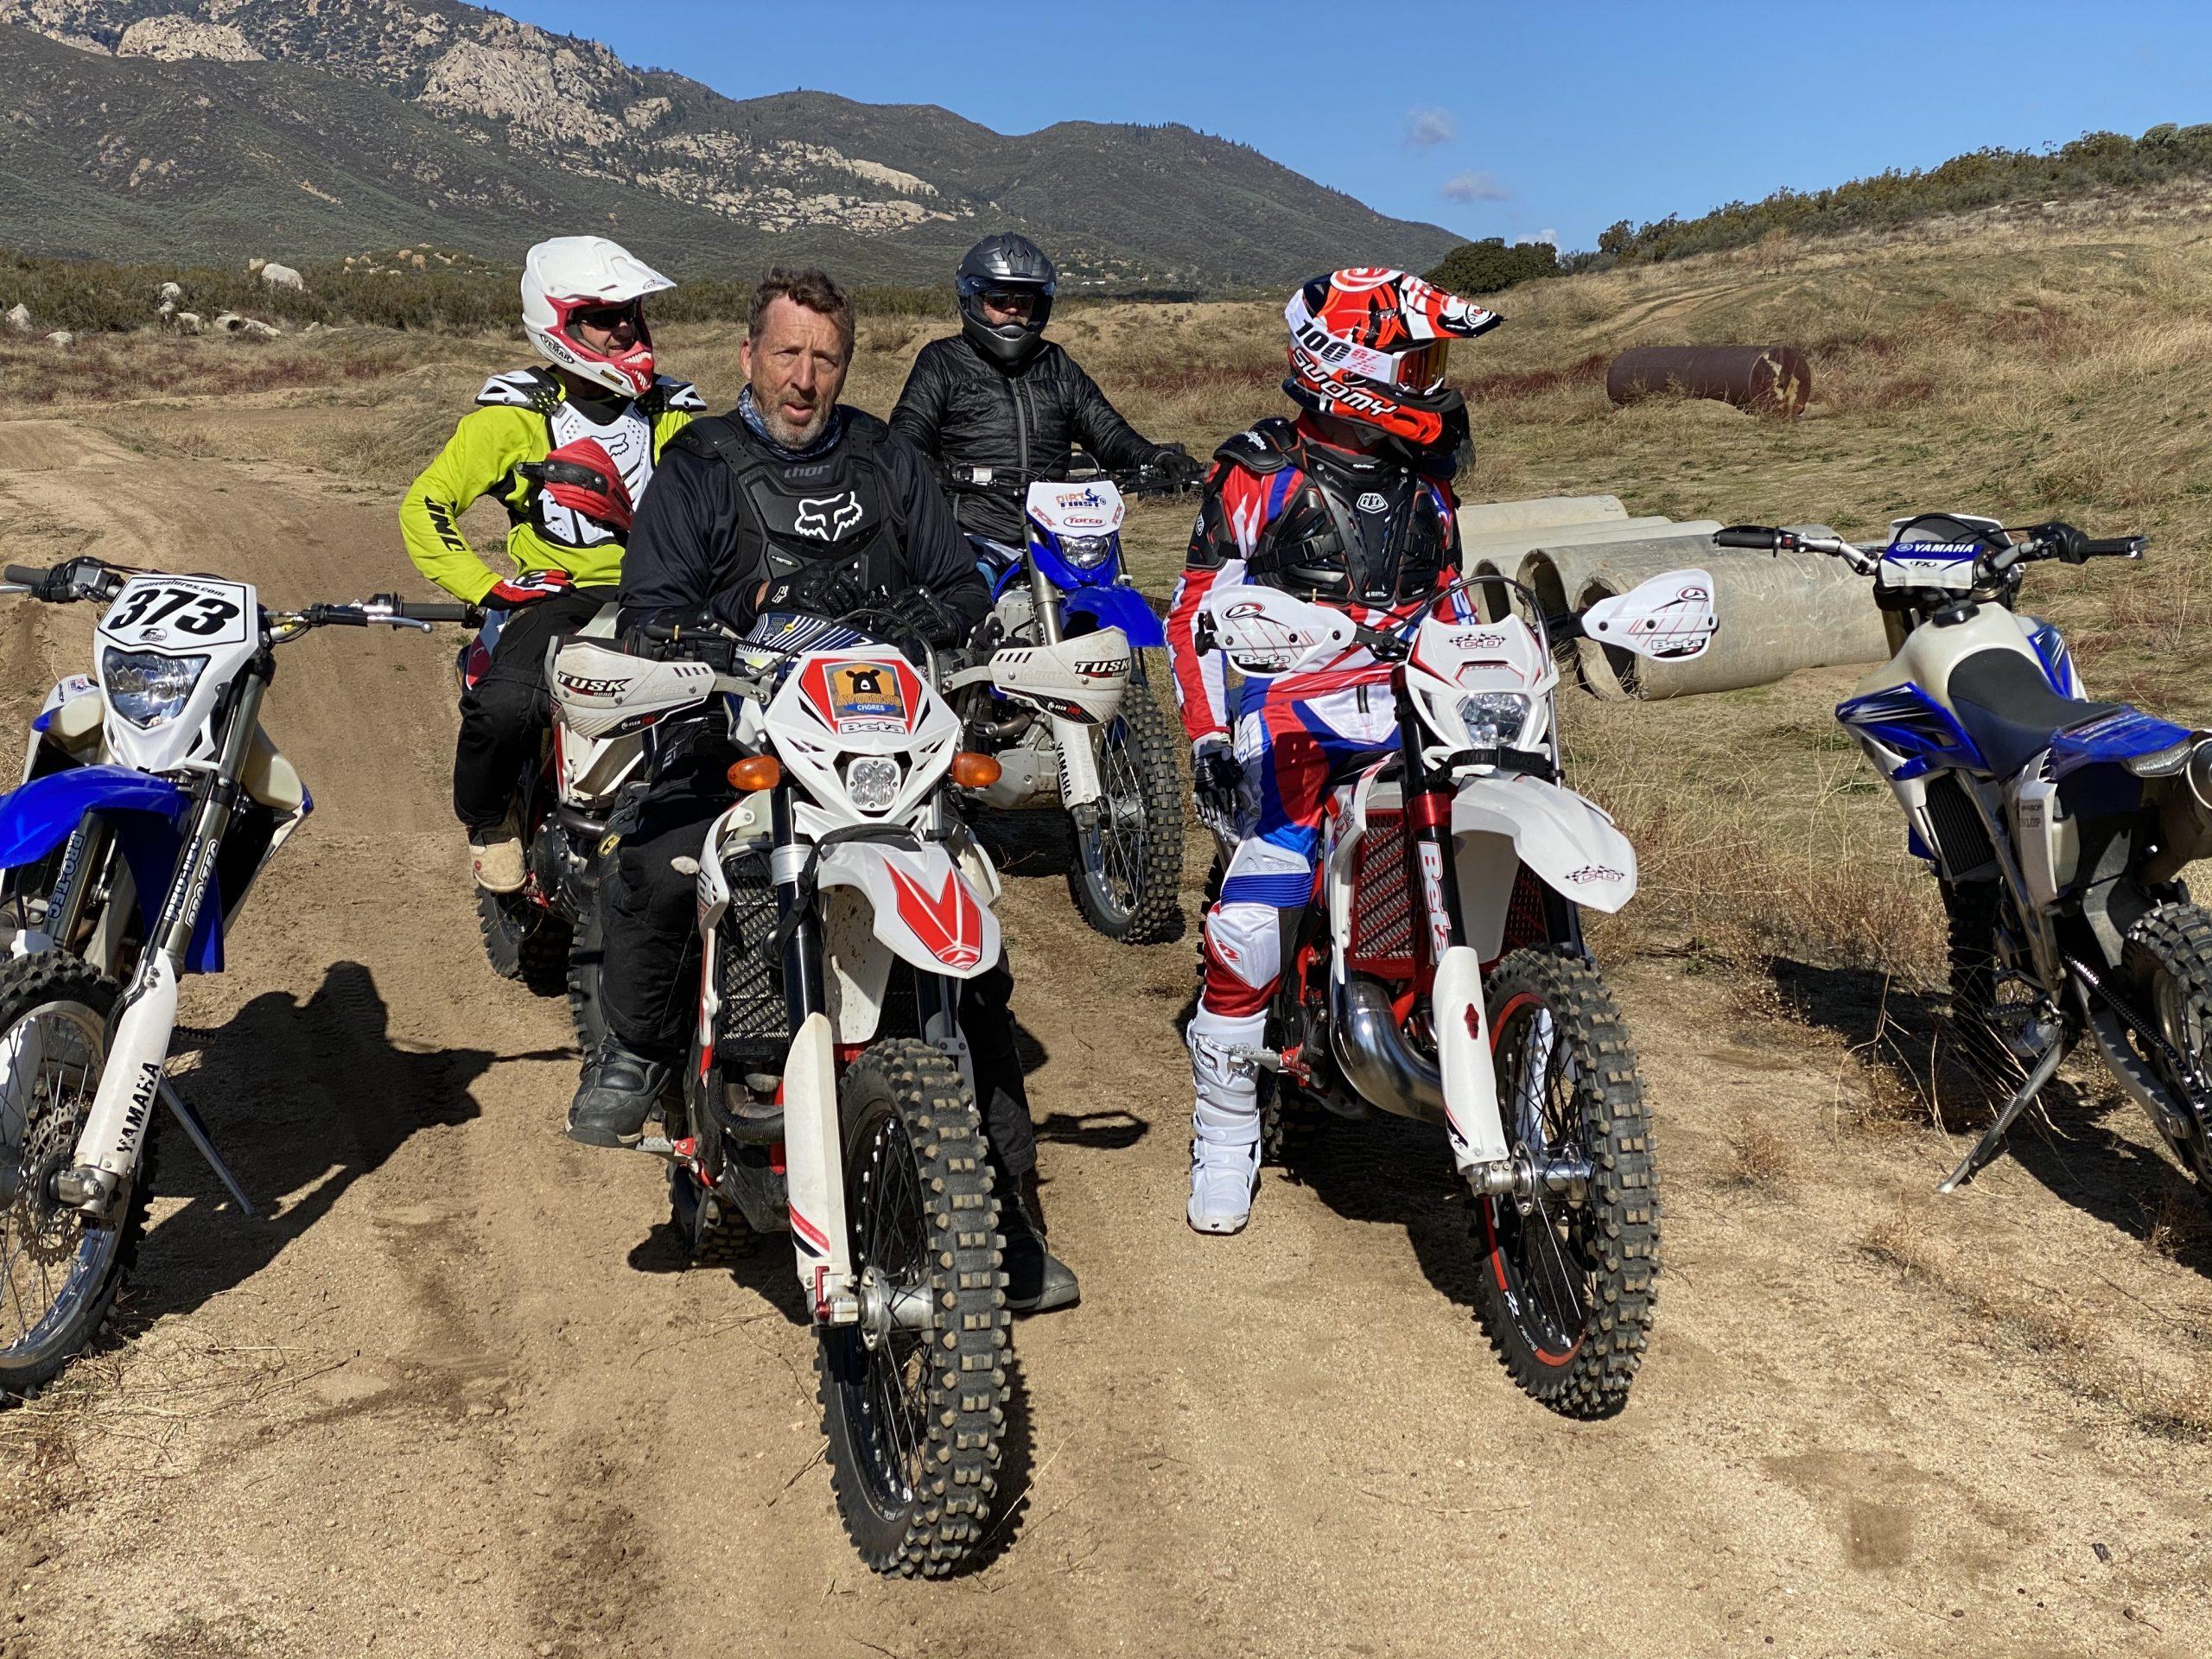 Dirt Bike Motorcycle Group